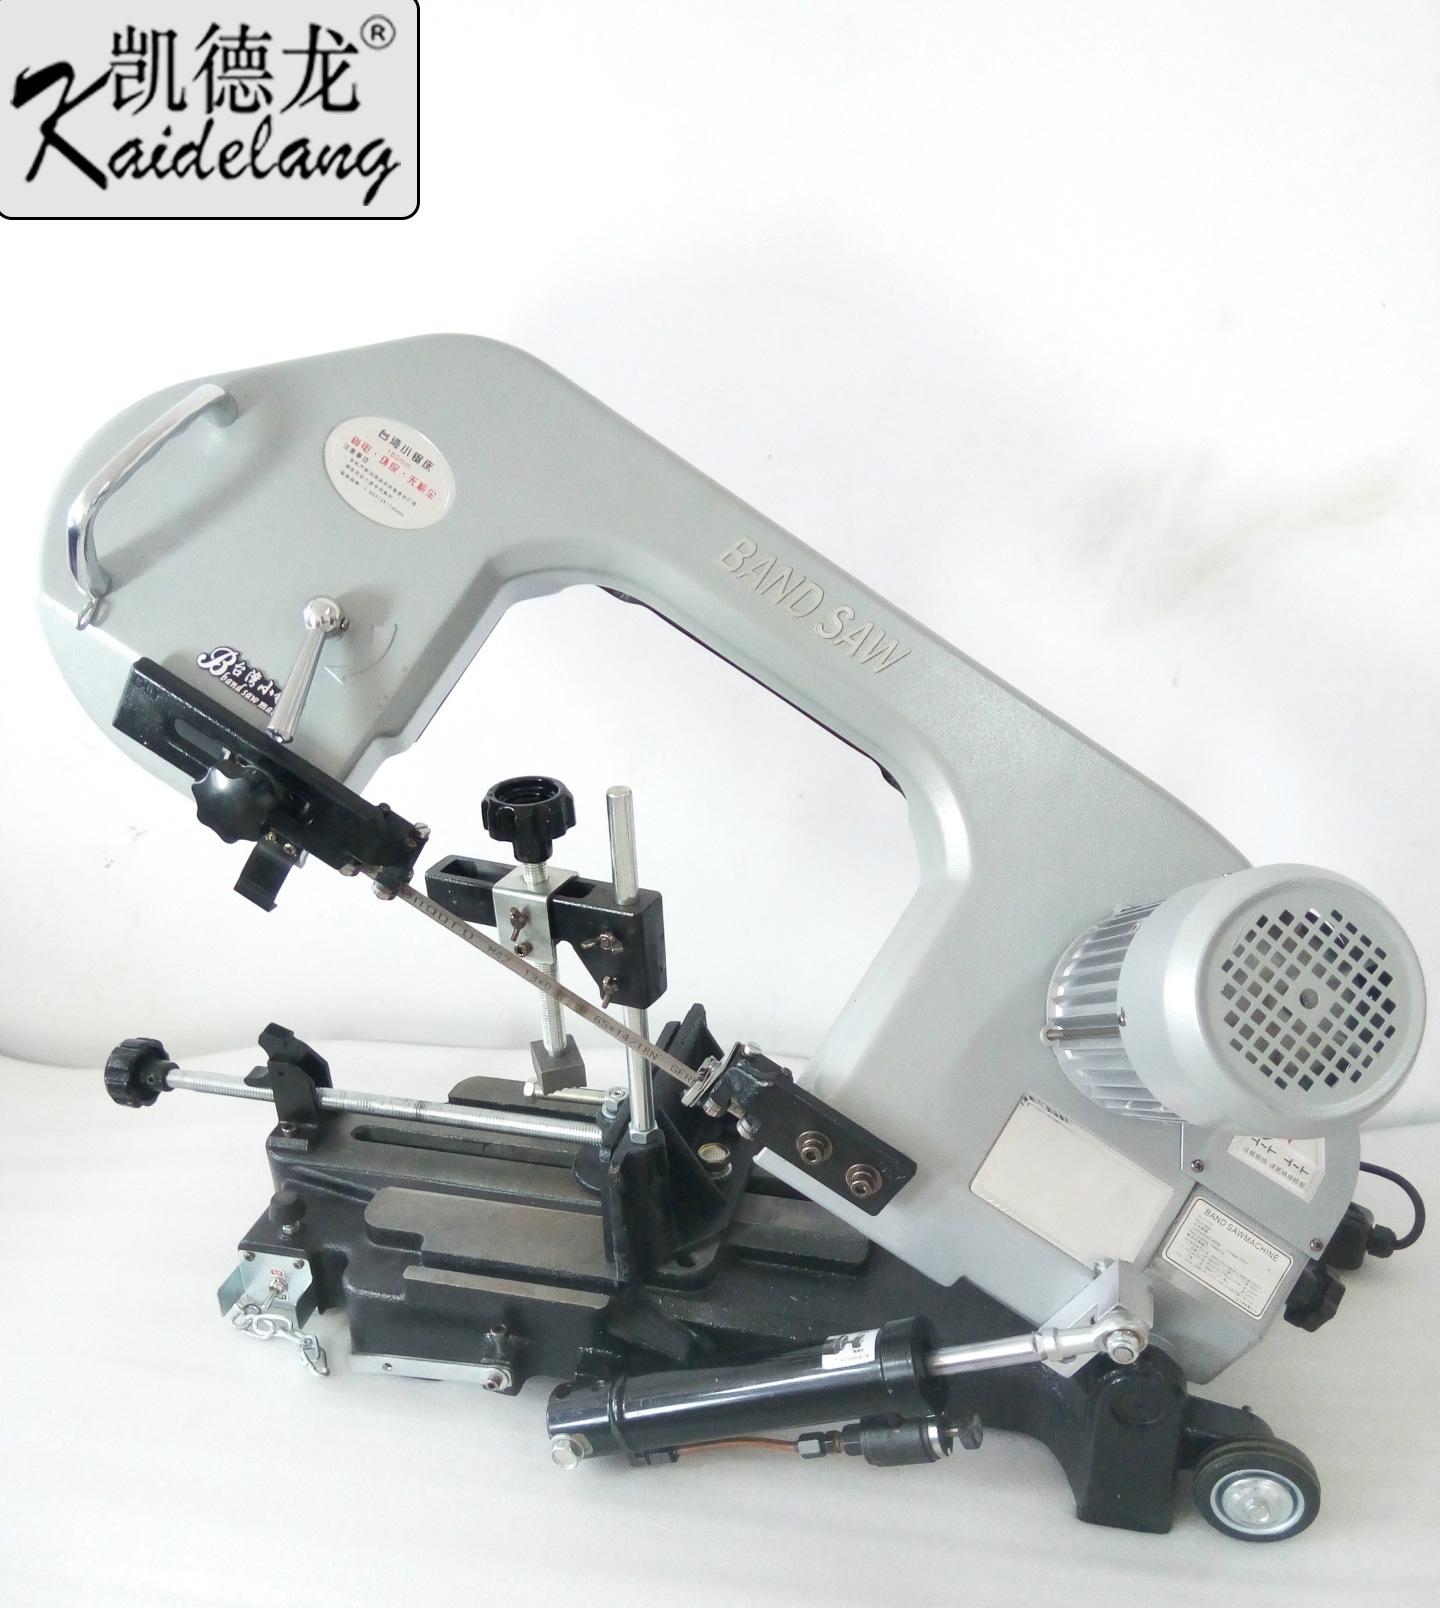 凯德龙金属带锯机卧式台湾小锯床液压工具进口合金锯条角度切割机